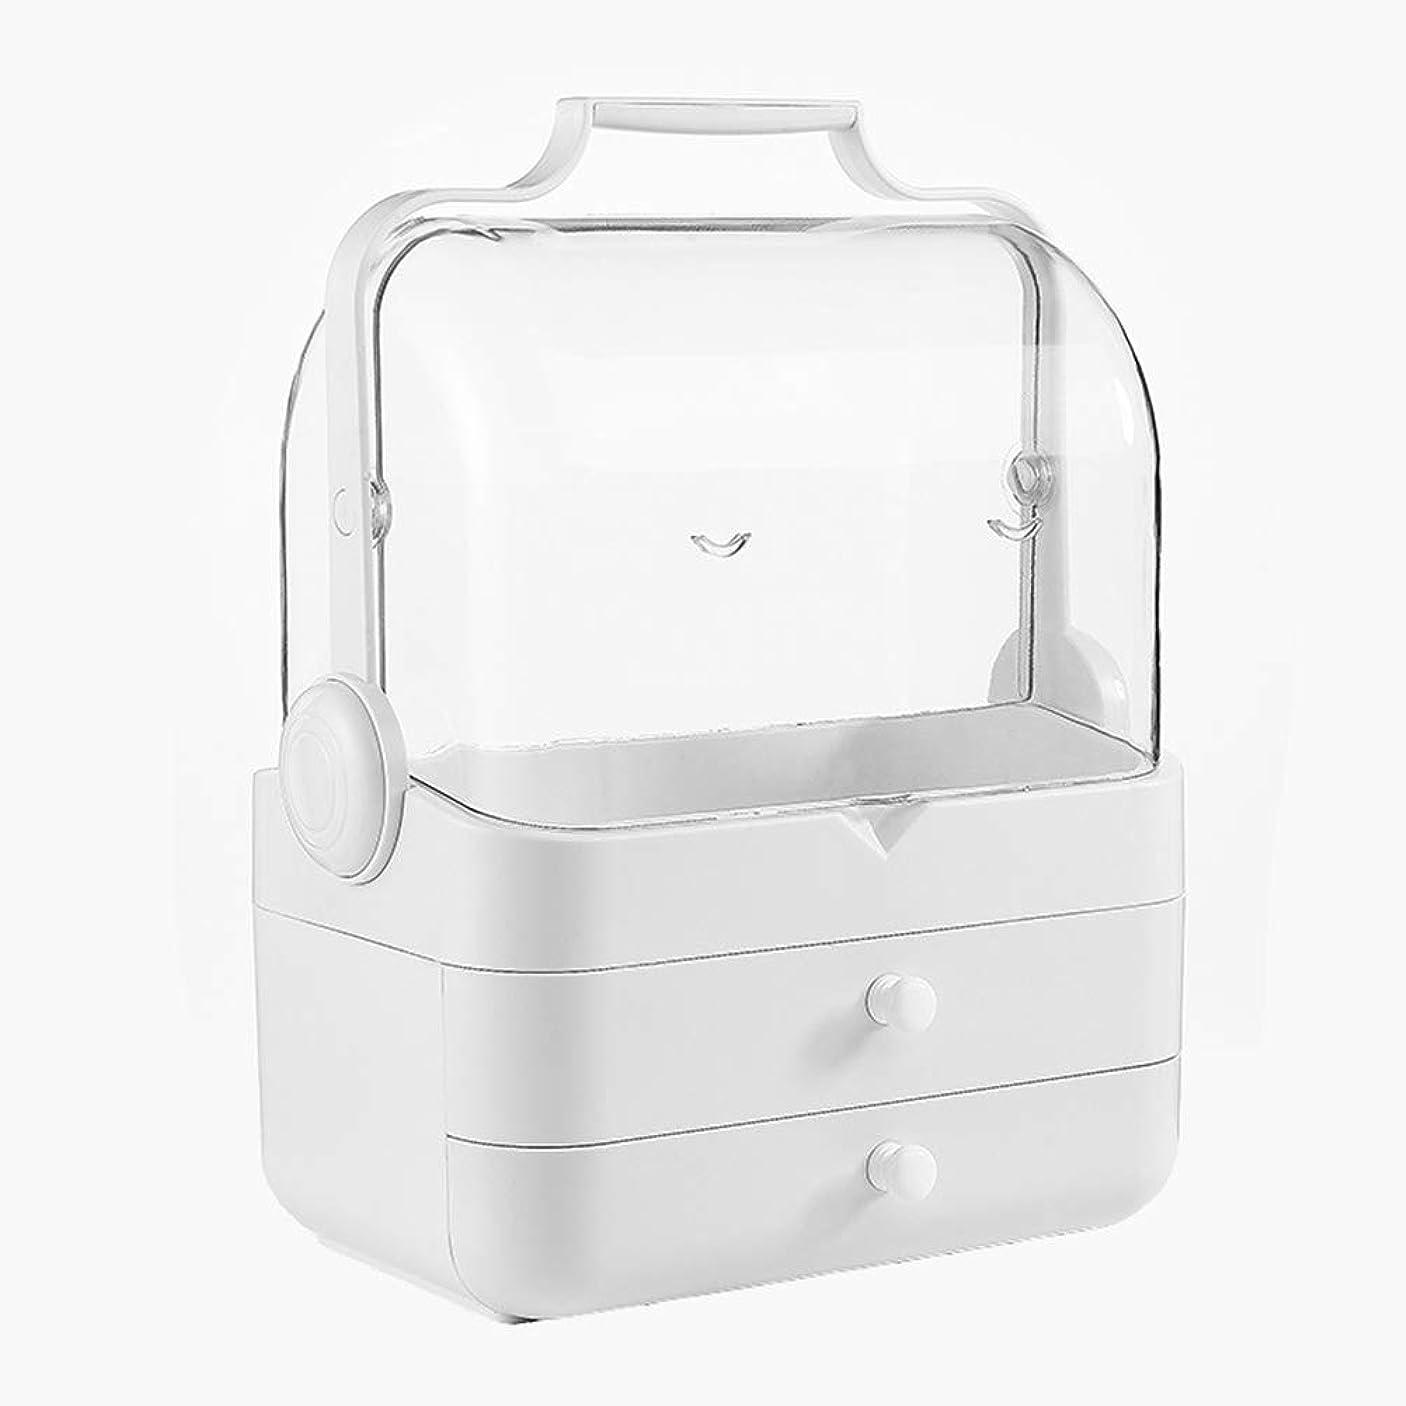 化粧品収納ボックス コスメボックス メイクボックス 多容量 蓋付き 持ち運び 引き出し付き 可愛い 化粧箱 大きめ 防塵防水 オシャレ 可愛い 透明 小物入れ 卓上収納 アクセサリボックス 白